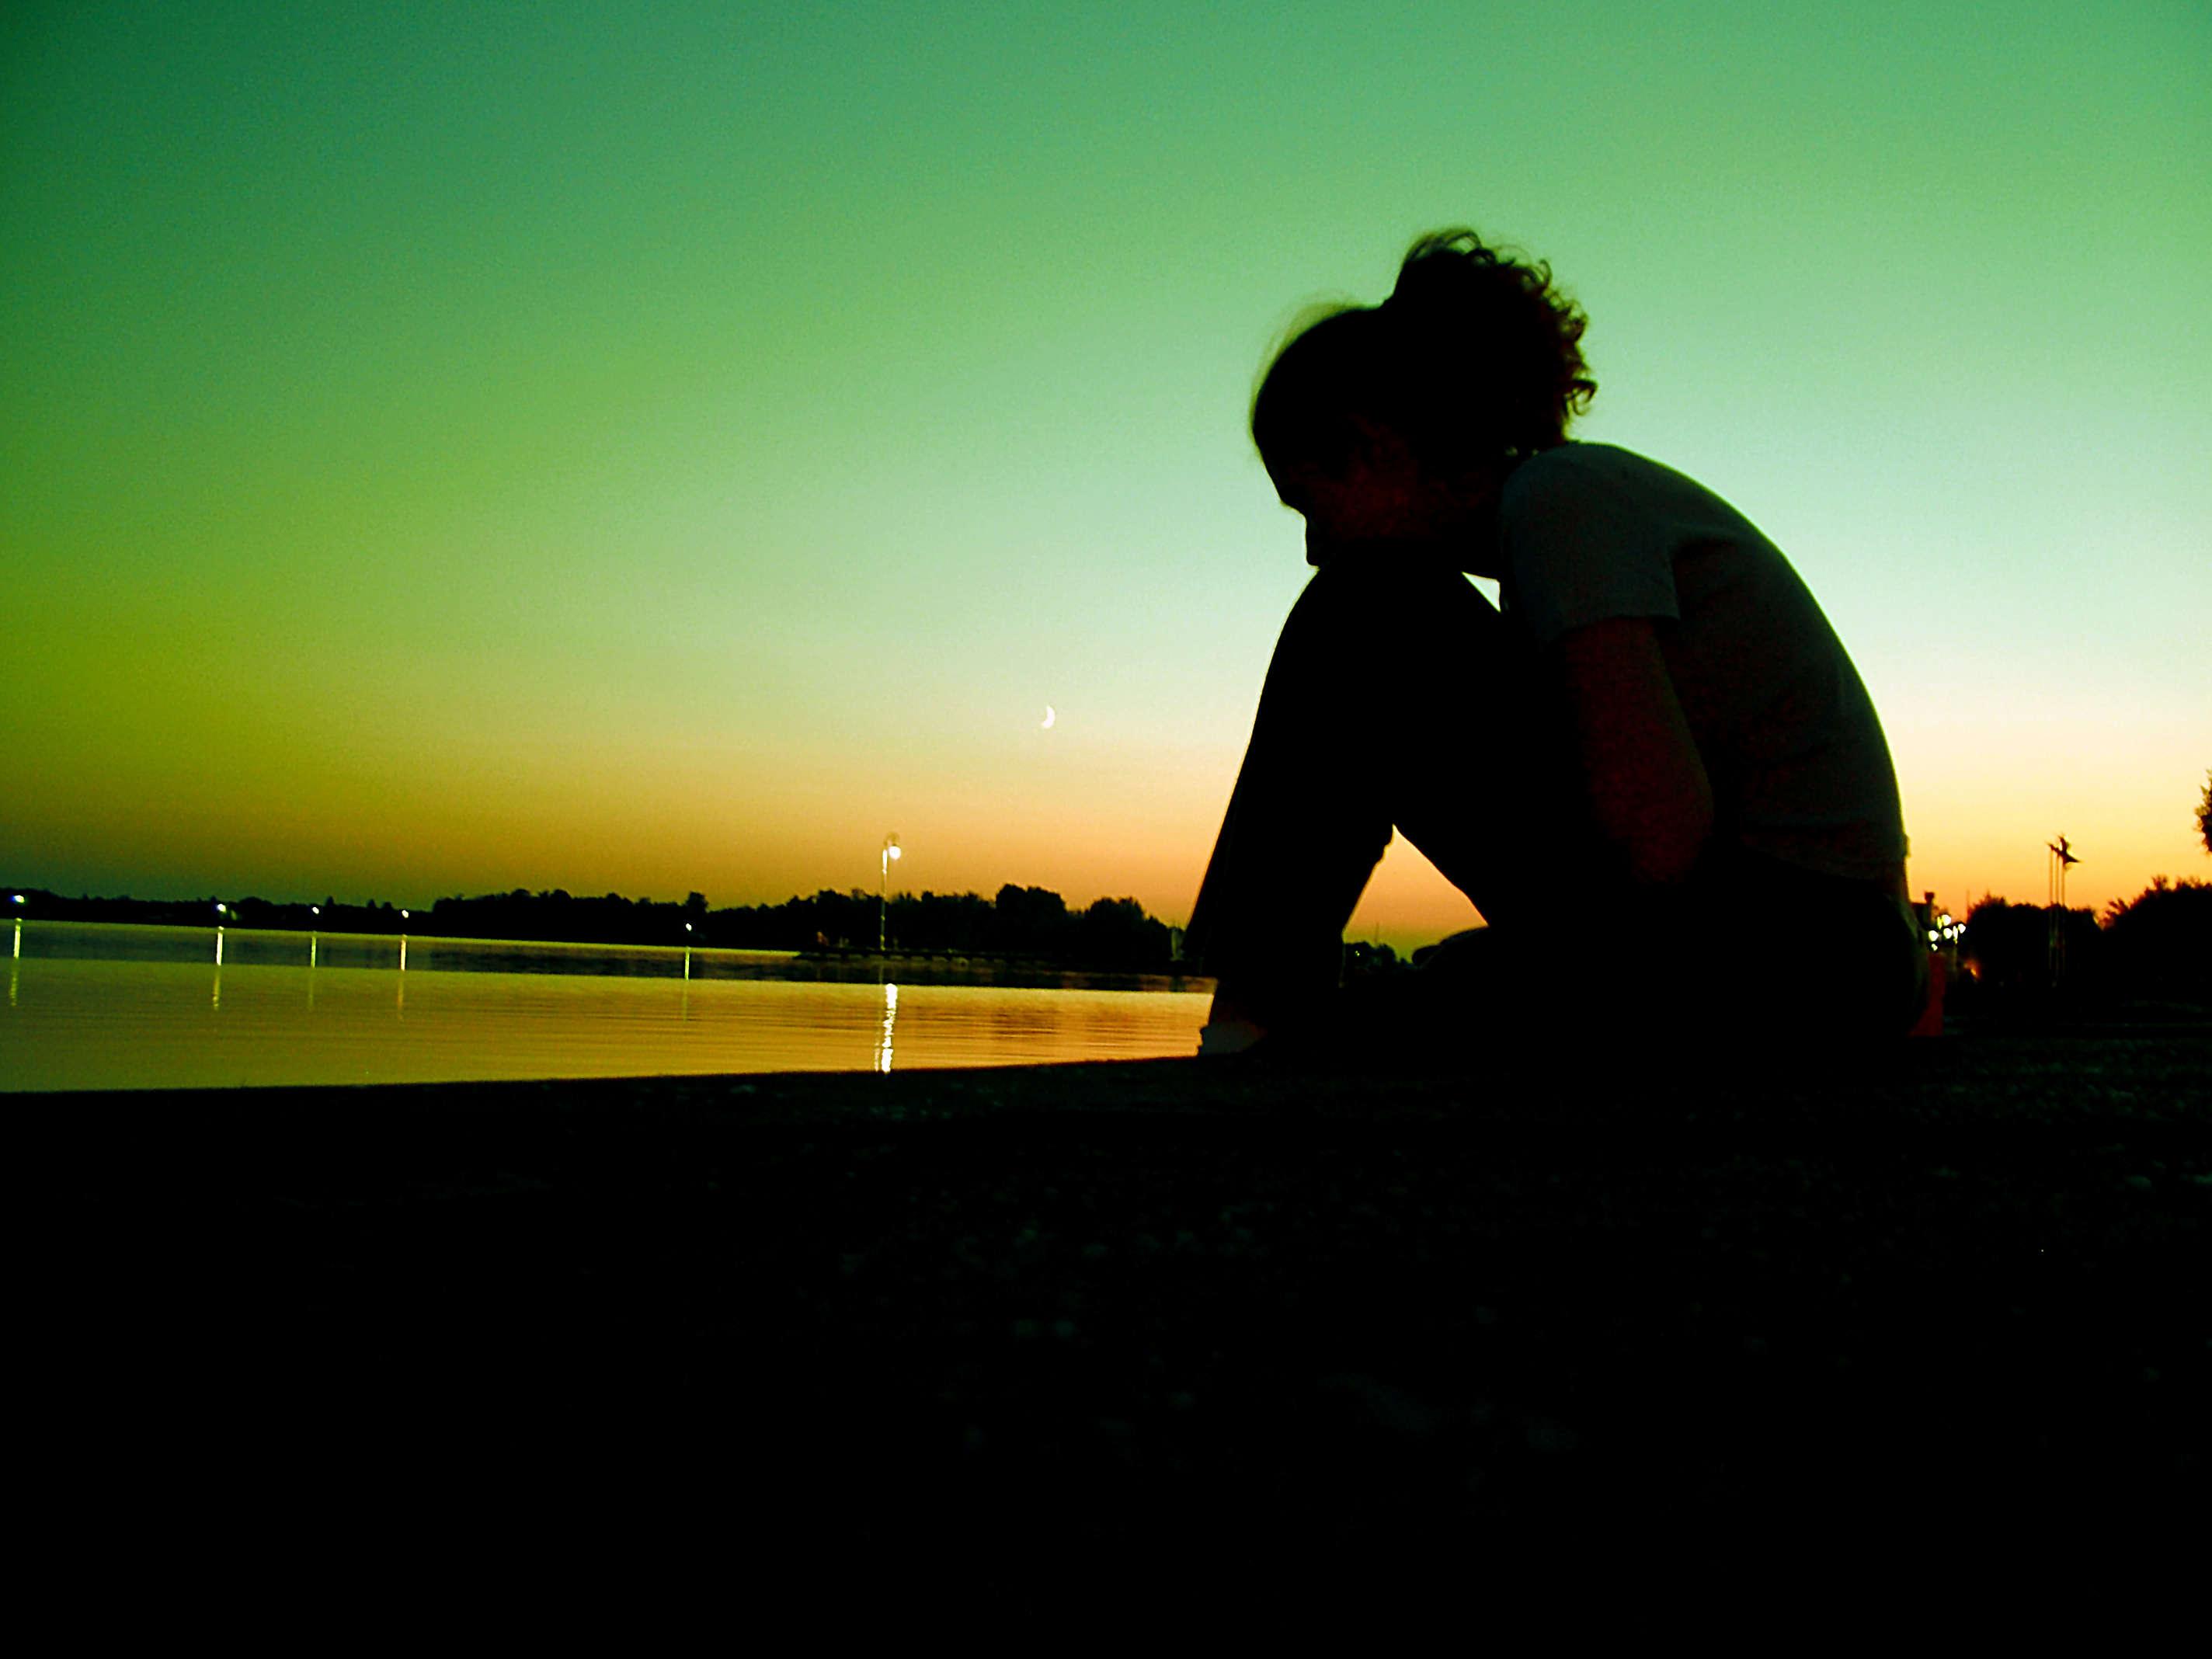 بالصور شعر عراقي حزين , اشعار حزينه لشعراء العراق 6085 1